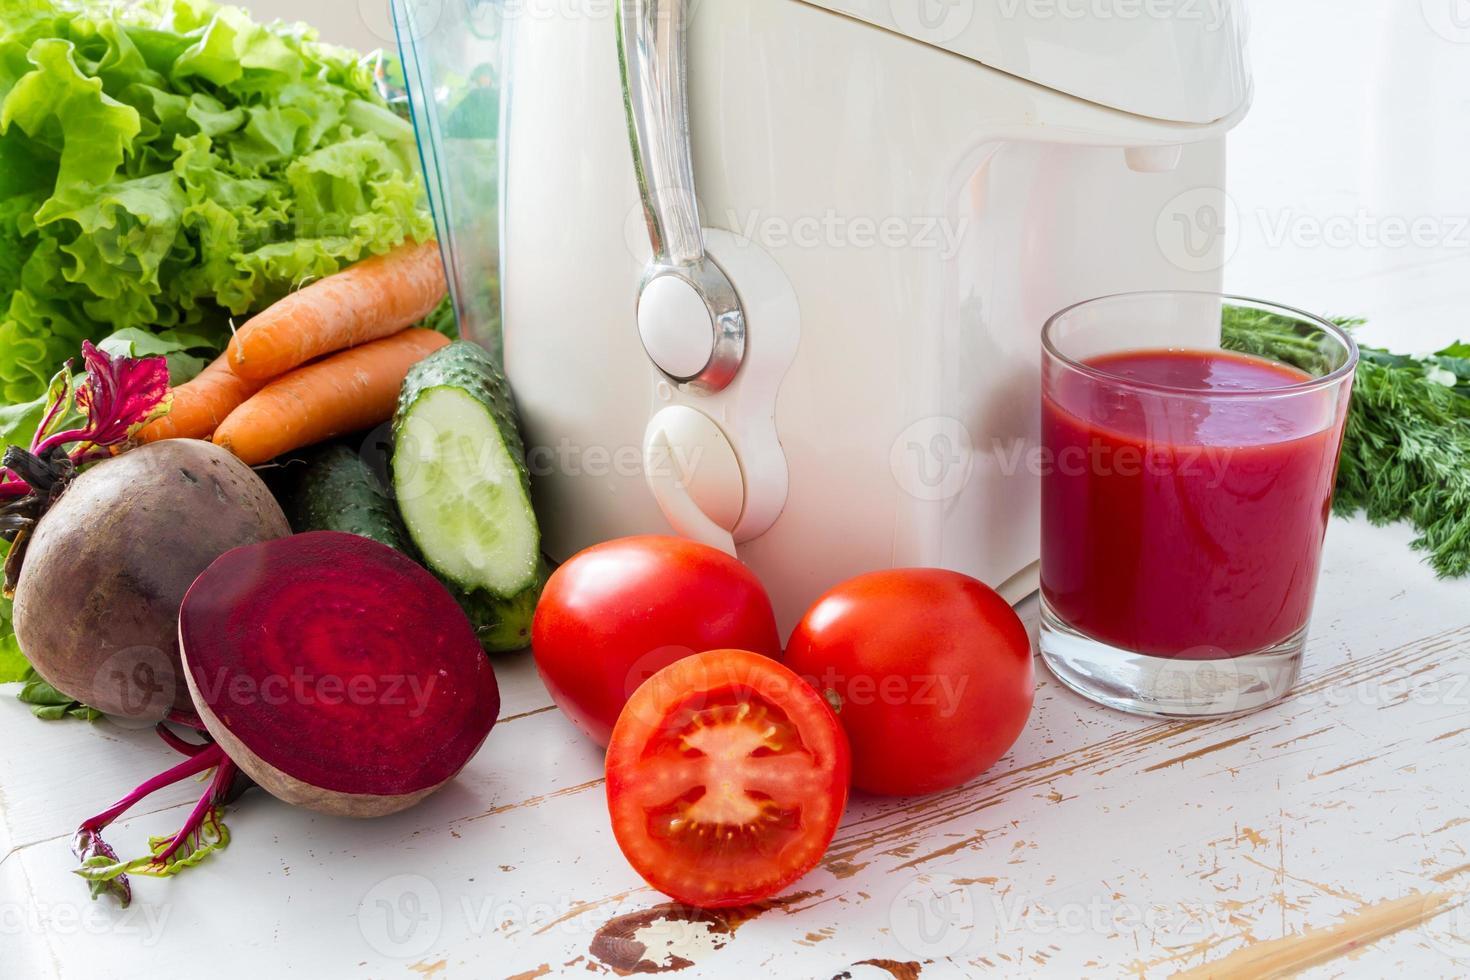 Selección de verduras y jugo de remolacha, fondo de madera blanca foto